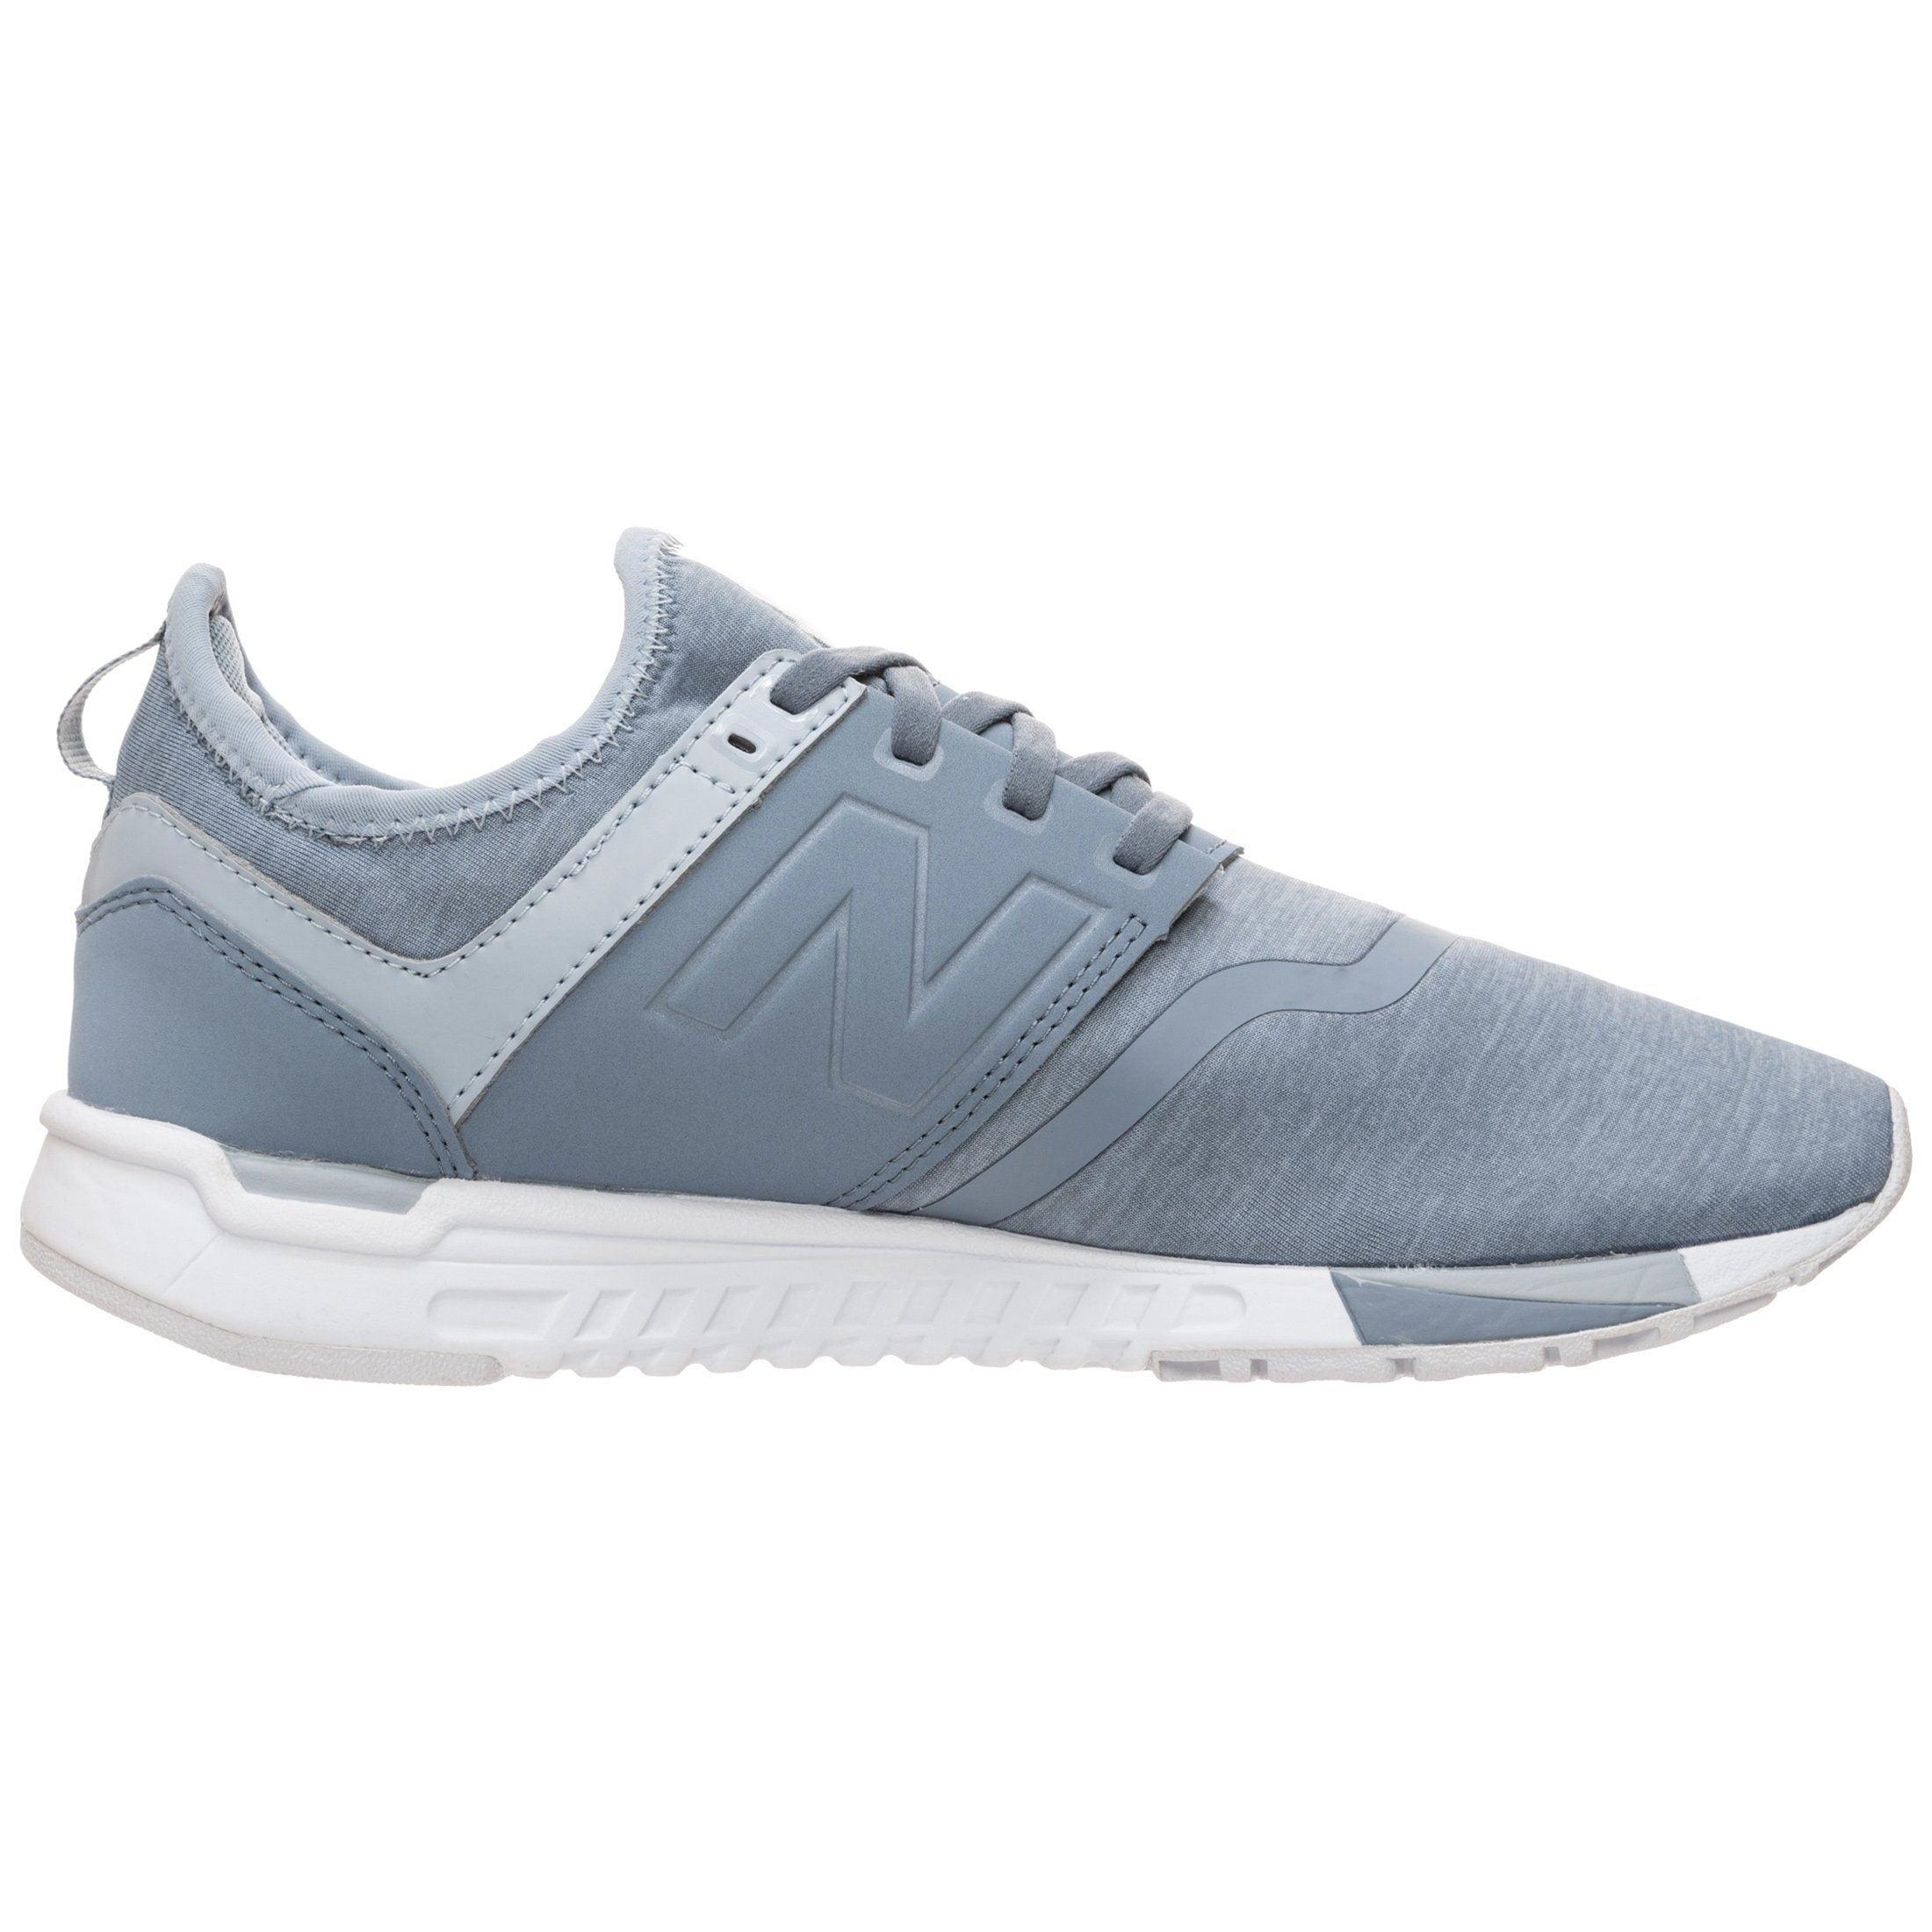 New Balance Sneaker Wrl247-ye-b gnstig kaufen Preis-Leistungs-Verhältnis,   Gutes Preis-Leistungs-Verhältnis, kaufen es lohnt sich 6380b3